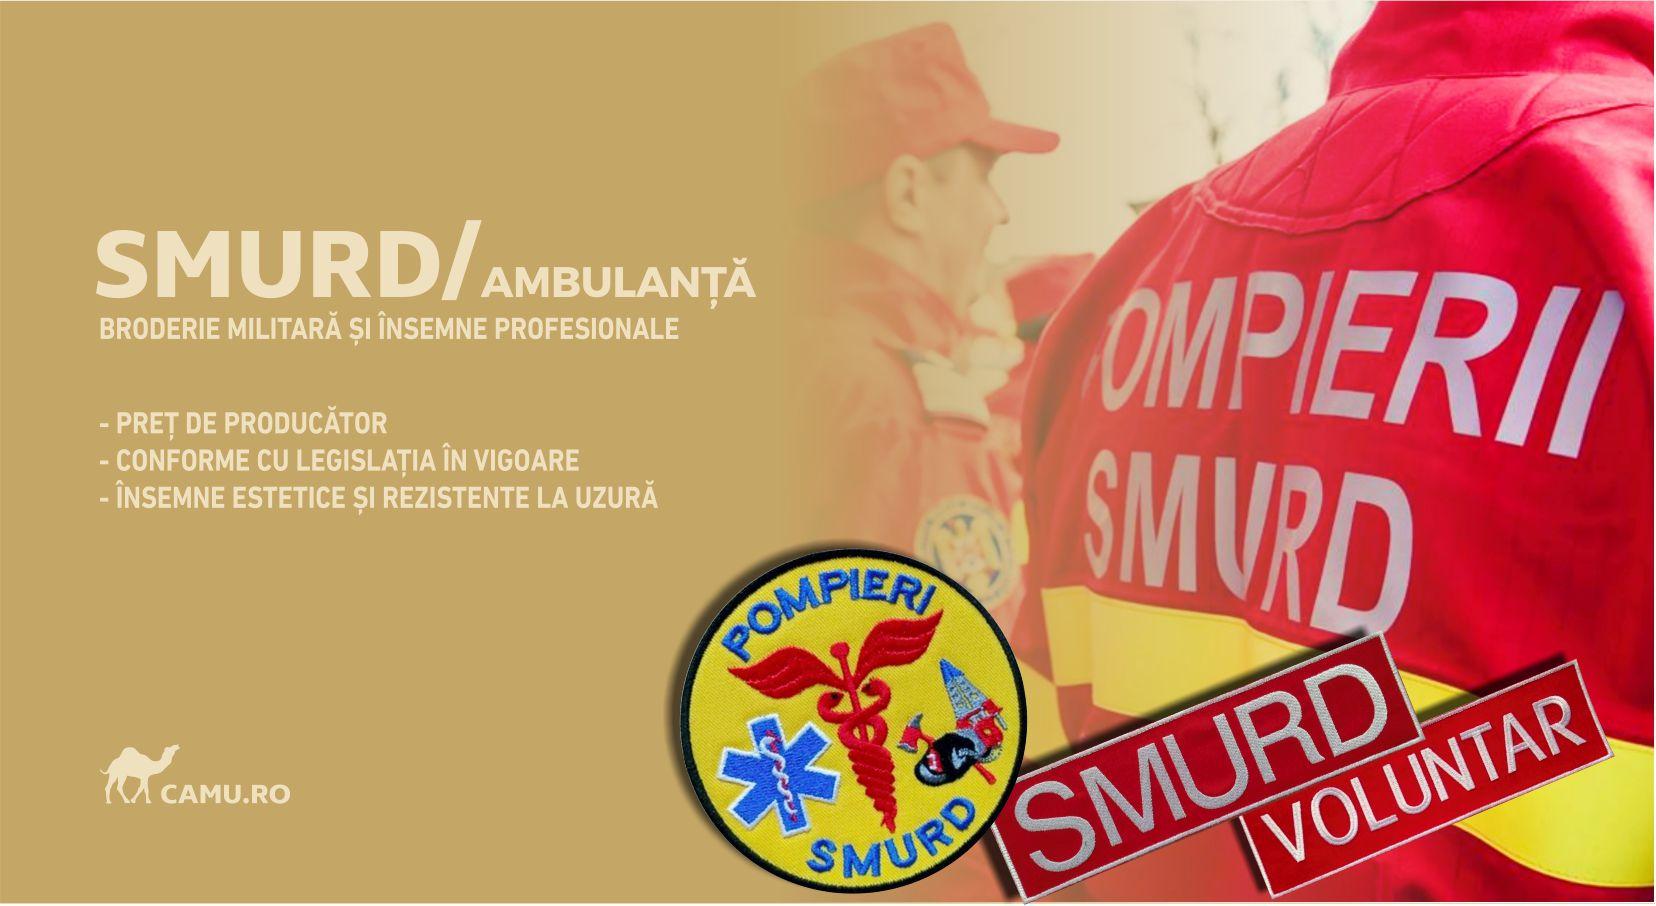 SMURD-AMBULANȚĂ